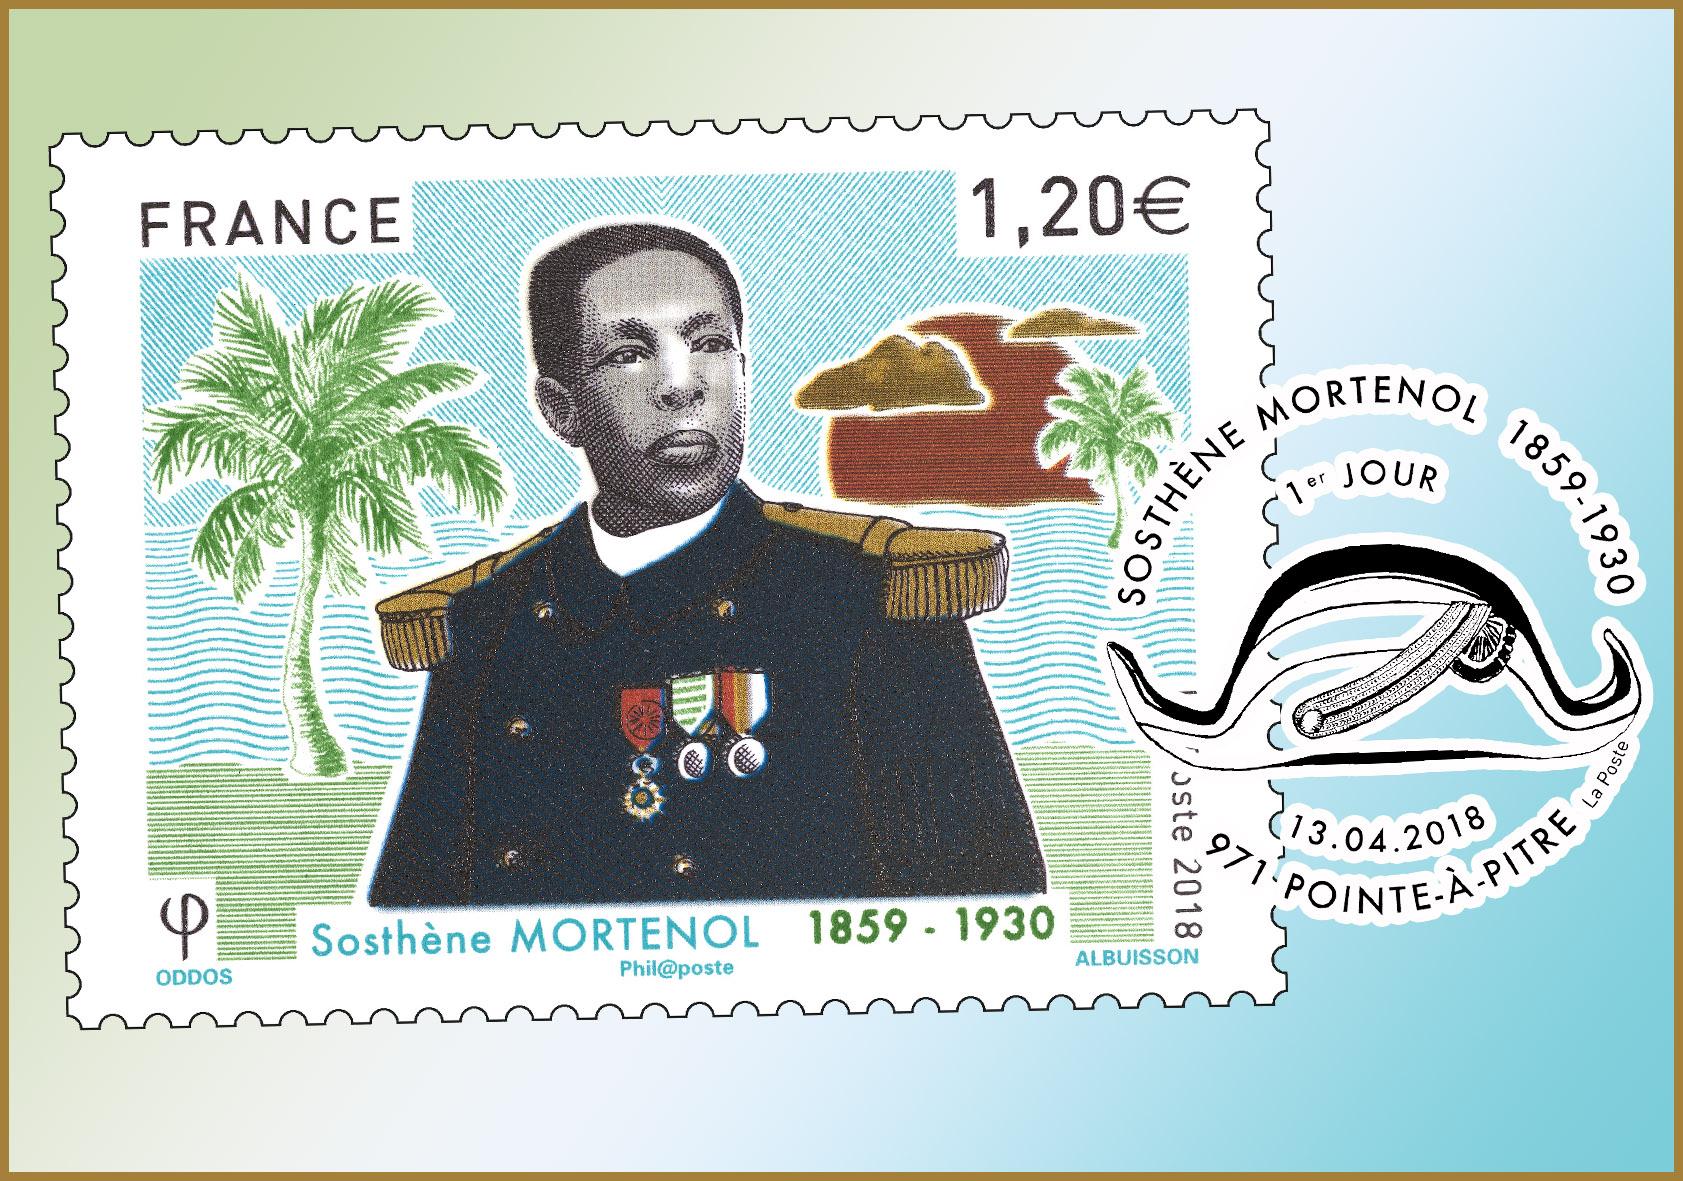 Sosthène MORTENOL (1859-1930)